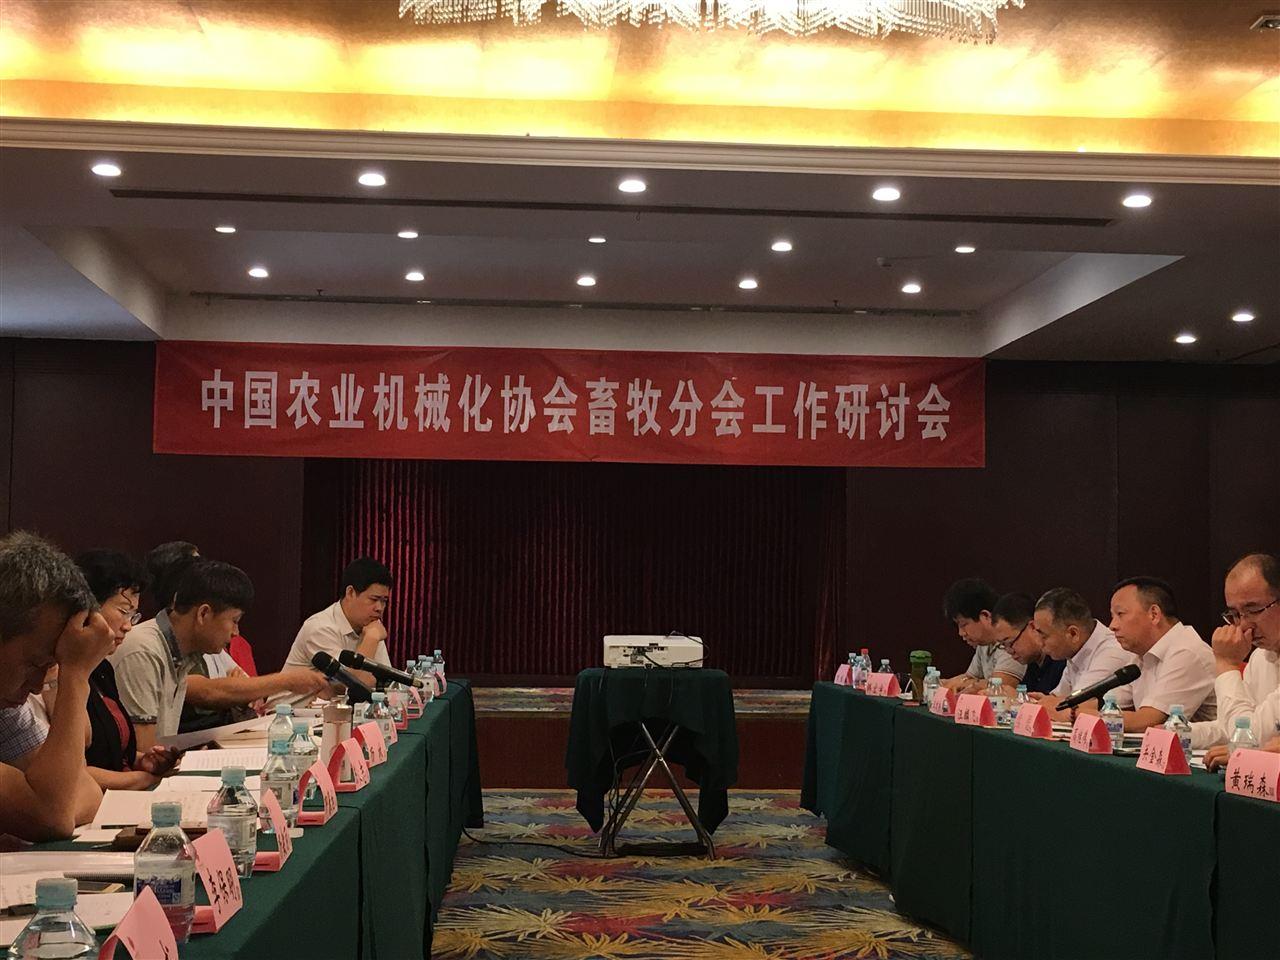 中国农业ca88娱乐平台化协会畜牧分会在京召开工作研讨会